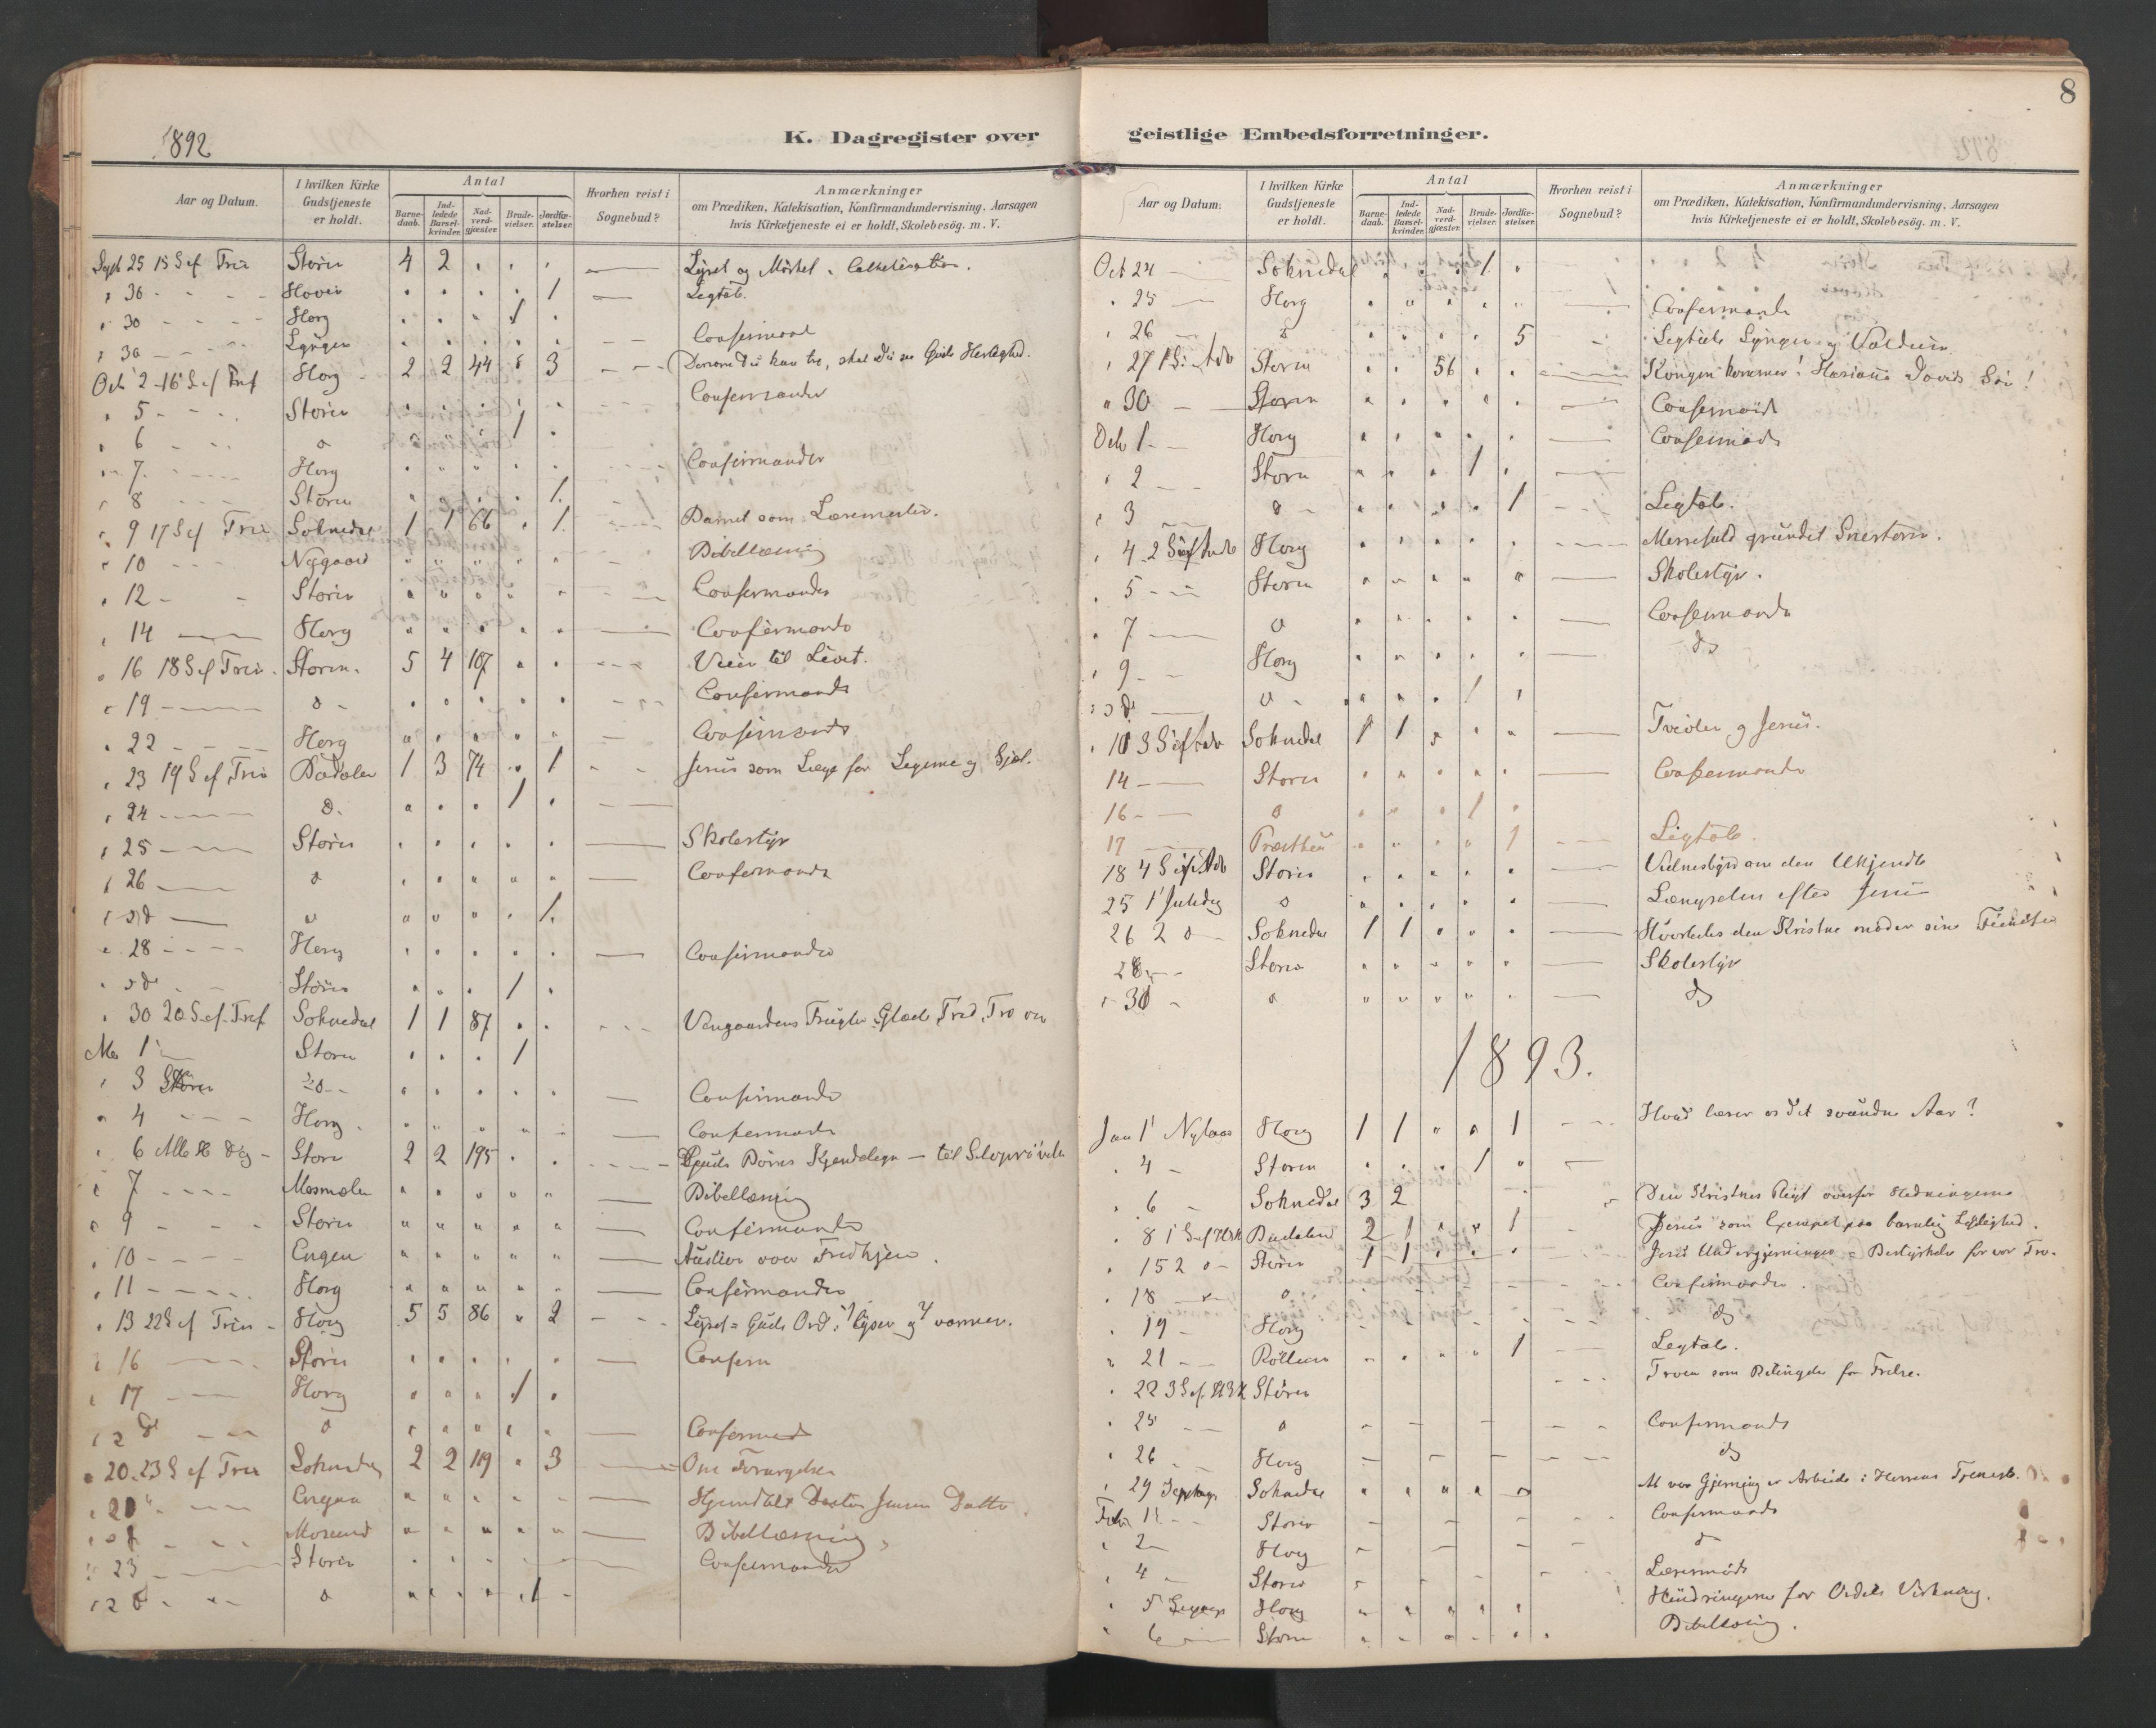 SAT, Ministerialprotokoller, klokkerbøker og fødselsregistre - Sør-Trøndelag, 687/L1005: Diary records no. 687A11, 1891-1912, p. 8